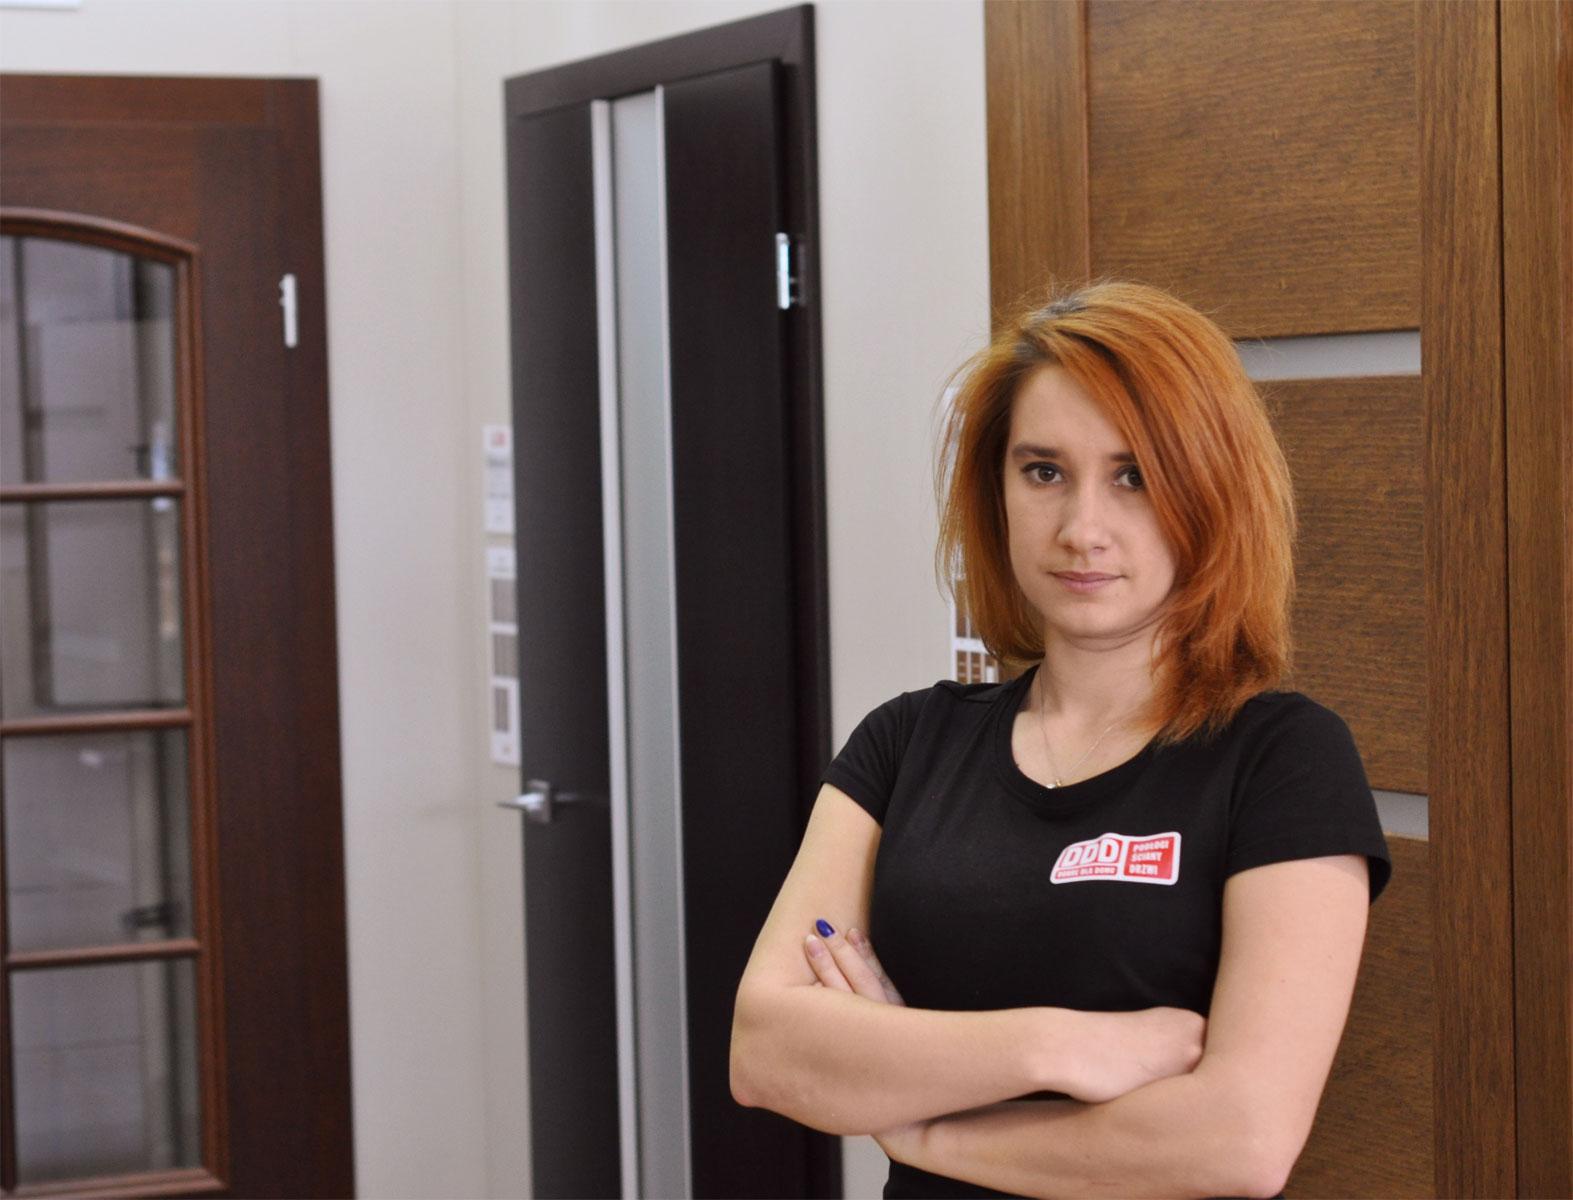 Agnieszka Zawadzka, franczyzobiorczyni DDD Dobre Dla Domu